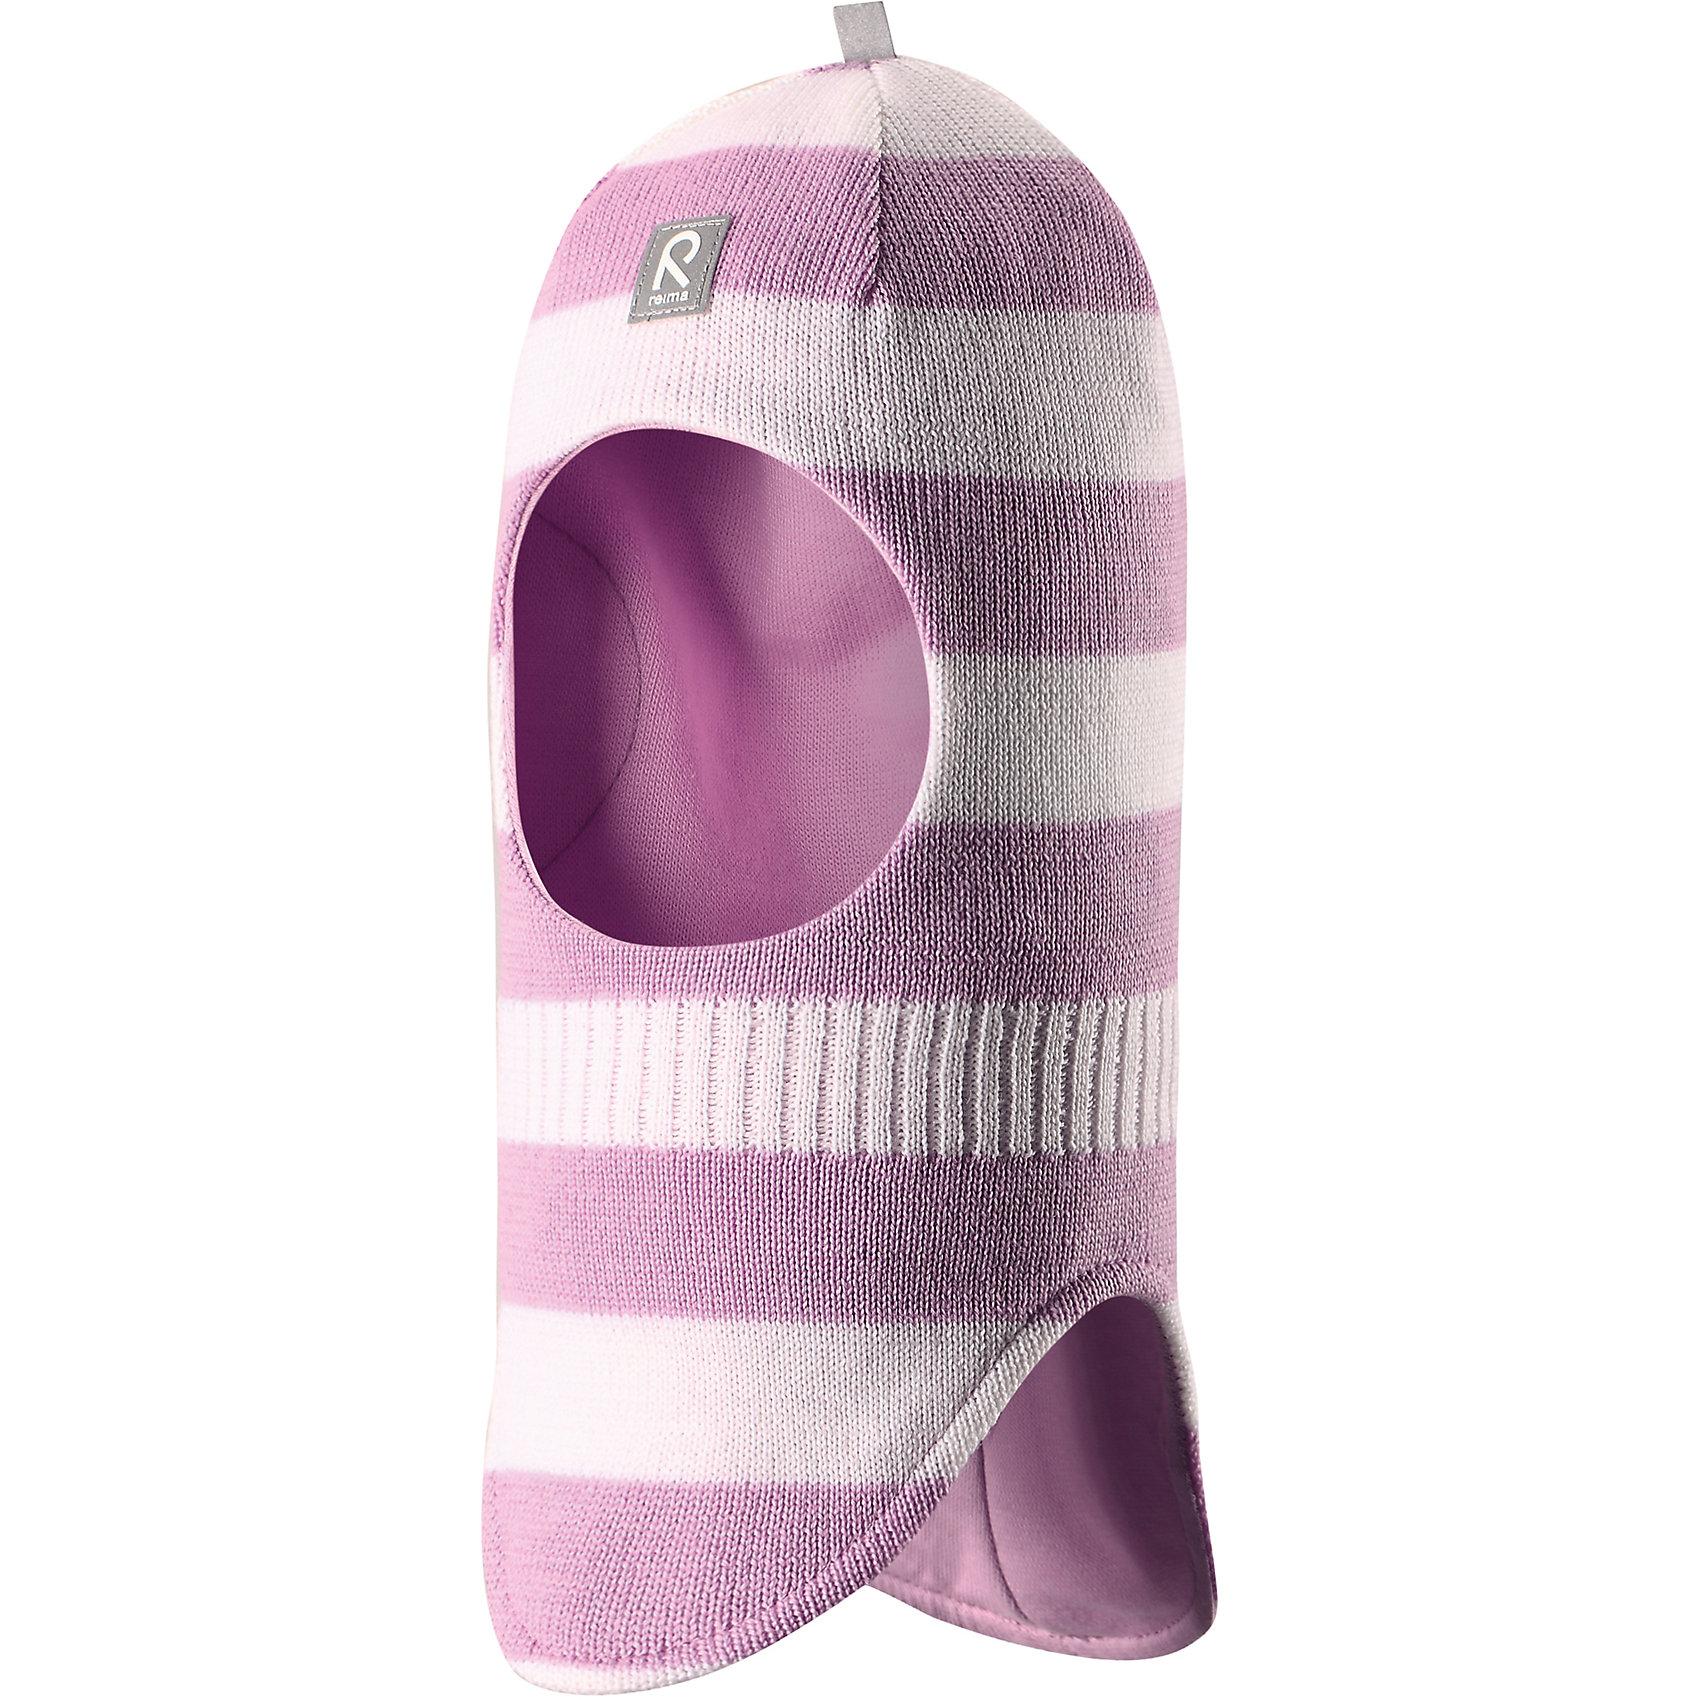 Шапка-шлем Starrie для девчоки ReimaШапка  Reima<br>Шапка-шлем для малышей. Мягкая ткань из мериносовой шерсти для поддержания идеальной температуры тела. Теплая шерстяная вязка (волокно). Товар сертифицирован Oeko-Tex, класс 1, одежда для малышей. Ветронепроницаемые вставки в области ушей. Мягкая подкладка из хлопка и эластана. Светоотражающий элемент спереди.<br>Уход:<br>Стирать по отдельности, вывернув наизнанку. Придать первоначальную форму вo влажном виде. Возможна усадка 5 %.<br>Состав:<br>100% Шерсть<br><br>Ширина мм: 89<br>Глубина мм: 117<br>Высота мм: 44<br>Вес г: 155<br>Цвет: розово-белый<br>Возраст от месяцев: 48<br>Возраст до месяцев: 84<br>Пол: Женский<br>Возраст: Детский<br>Размер: 54,46,48,50,52<br>SKU: 4779550